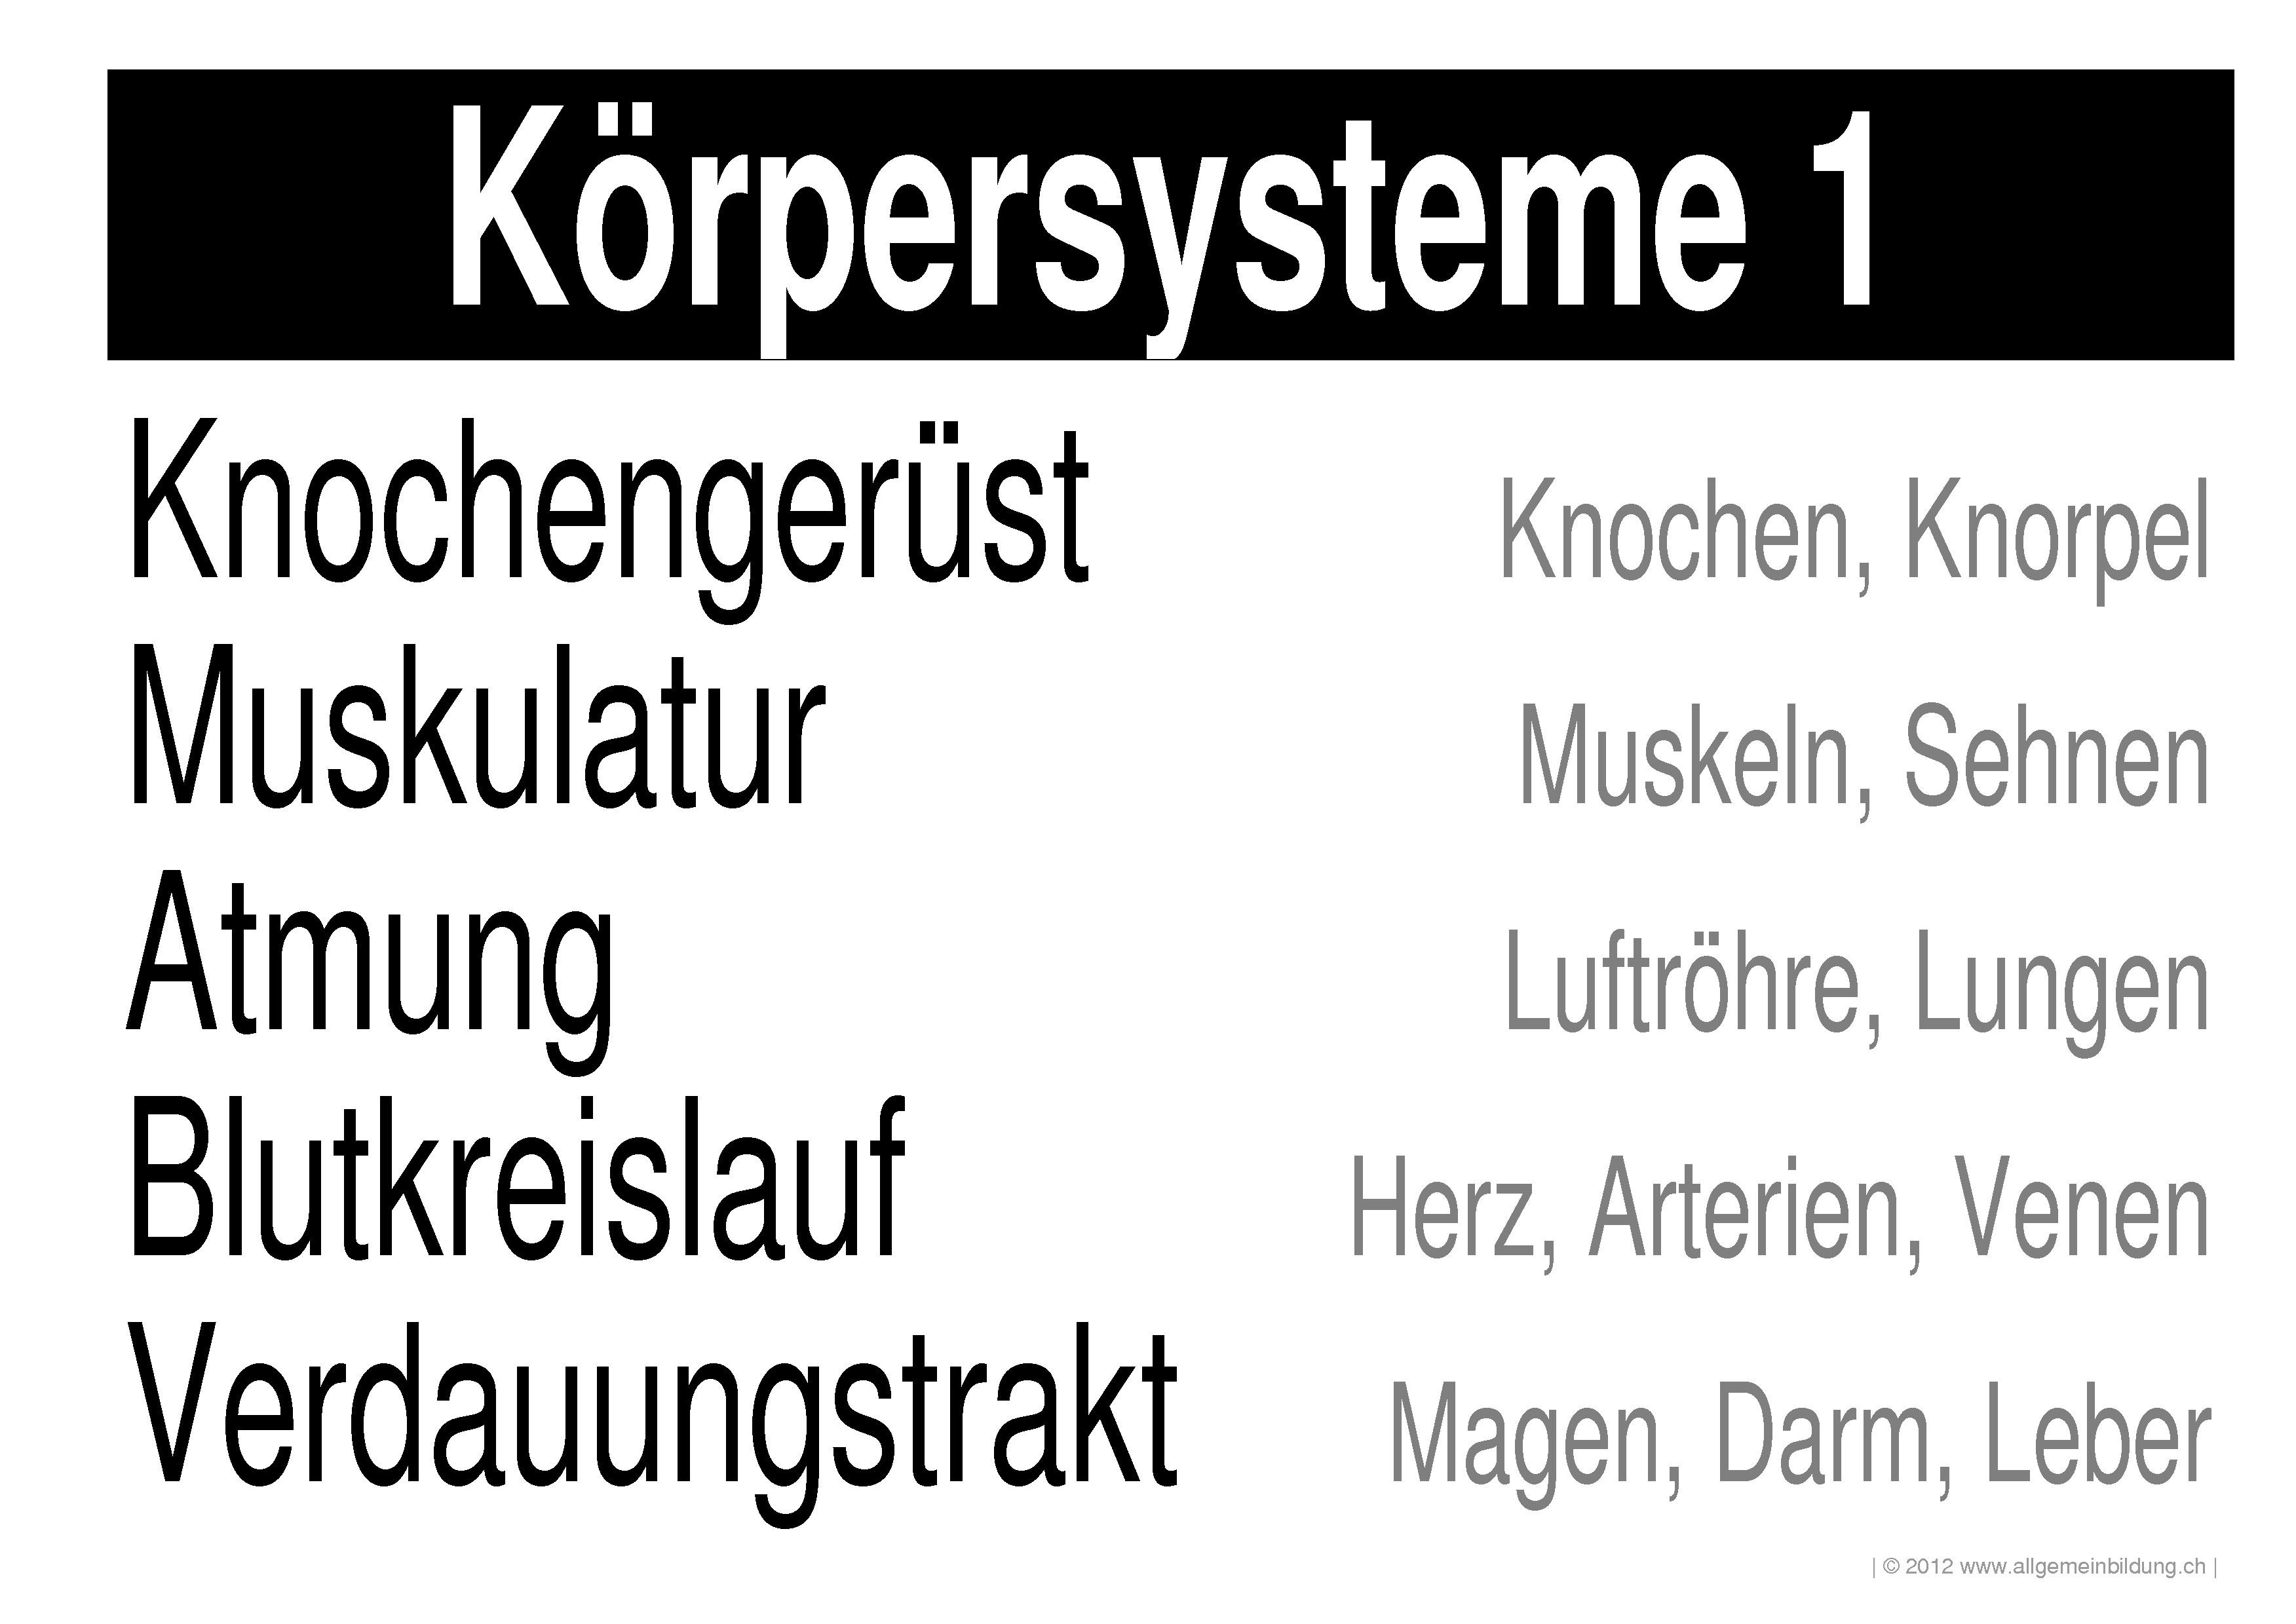 Ziemlich Körper Systeme Galerie - Anatomie Und Physiologie Knochen ...